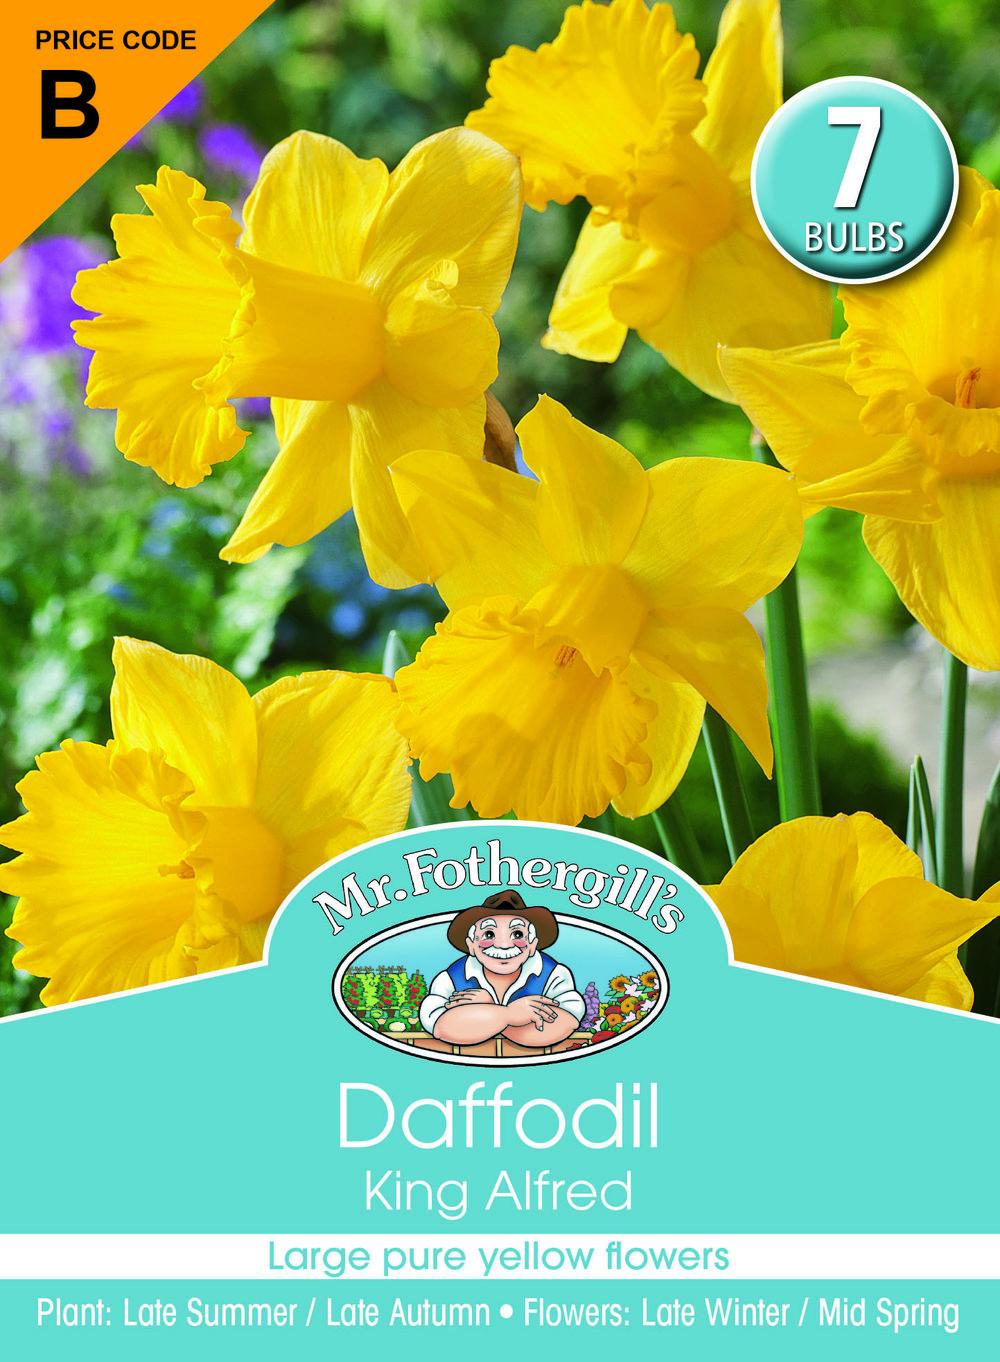 Daffodil King Alfred.jpg